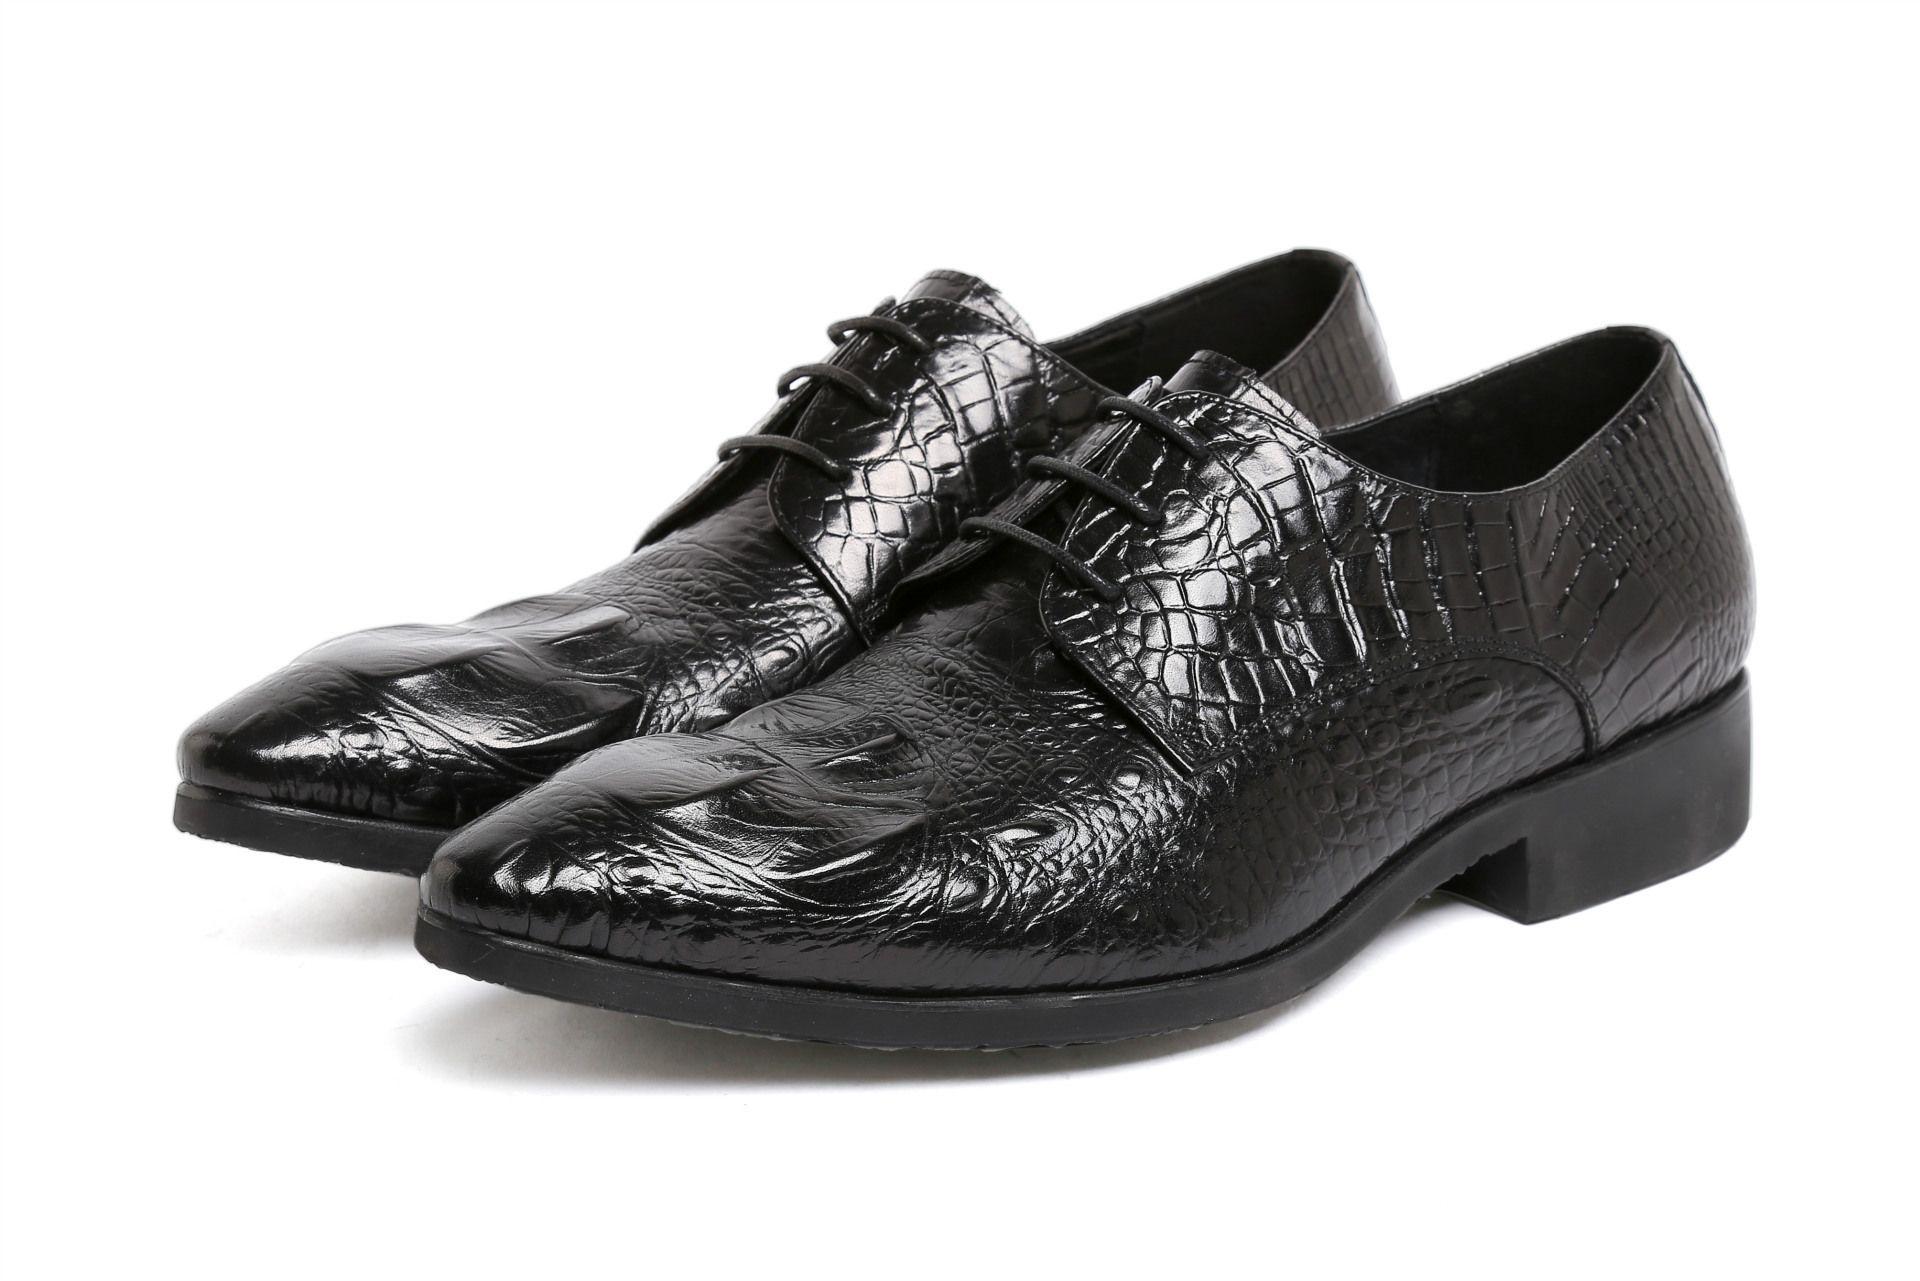 Кожаная обувь мужская шнуровка крокодиловый узор формальная одежда мужская кожаная обувь воловья кожа удобный материал